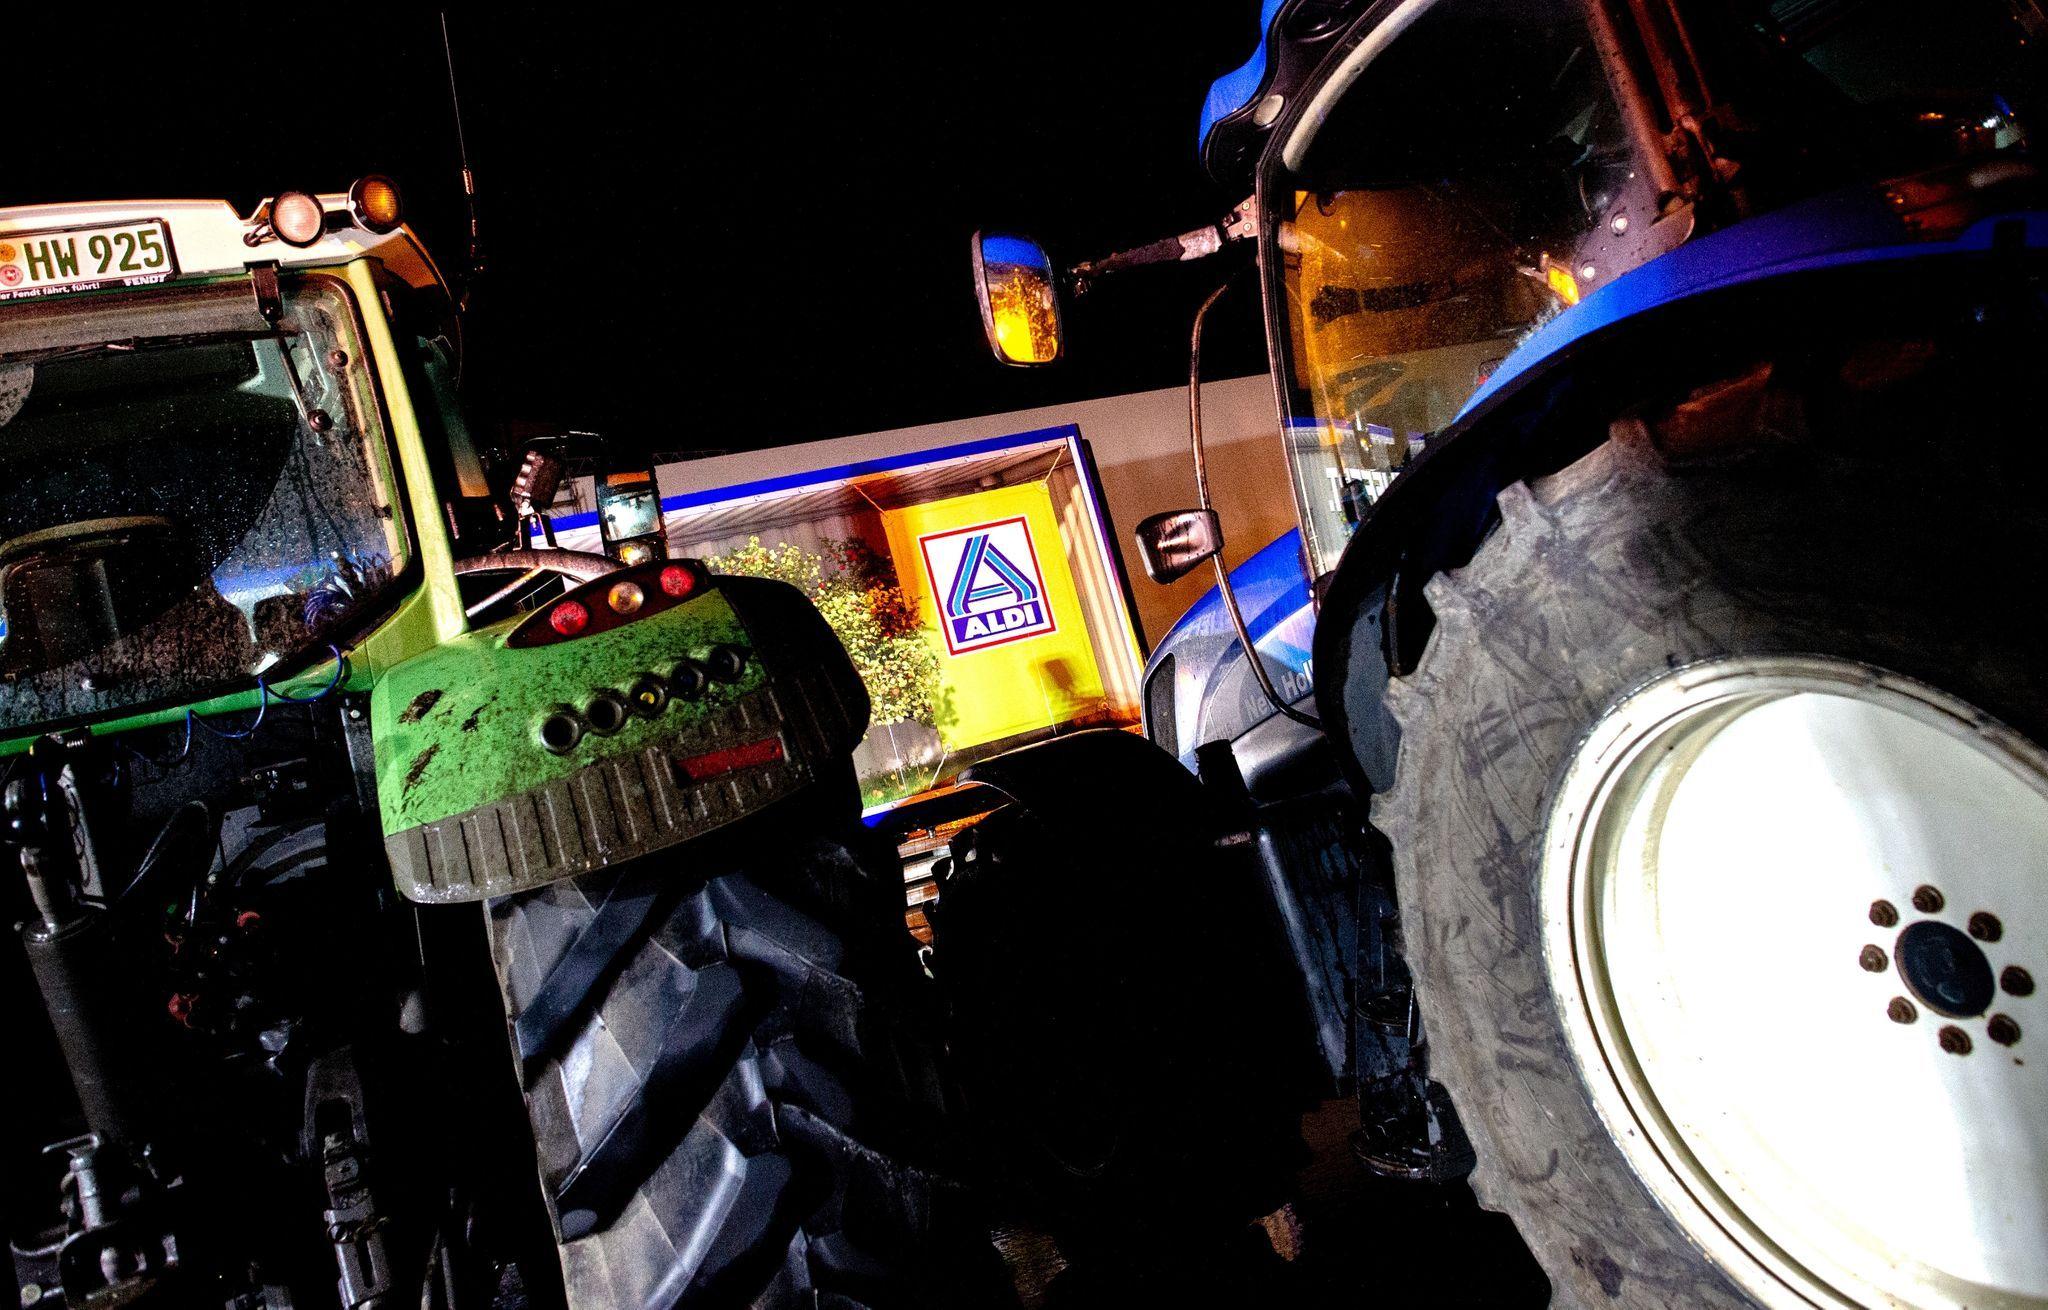 Traktoren stehen vor einem Lkw in der Zufahrt zum Zentrallager von Aldi. Foto: dpa/Dittrich